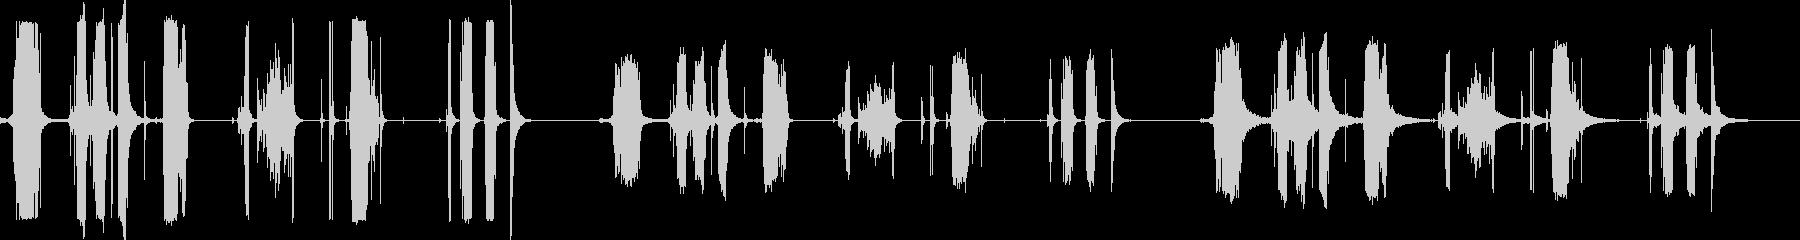 金属ラチェット、7バージョンX 3...の未再生の波形